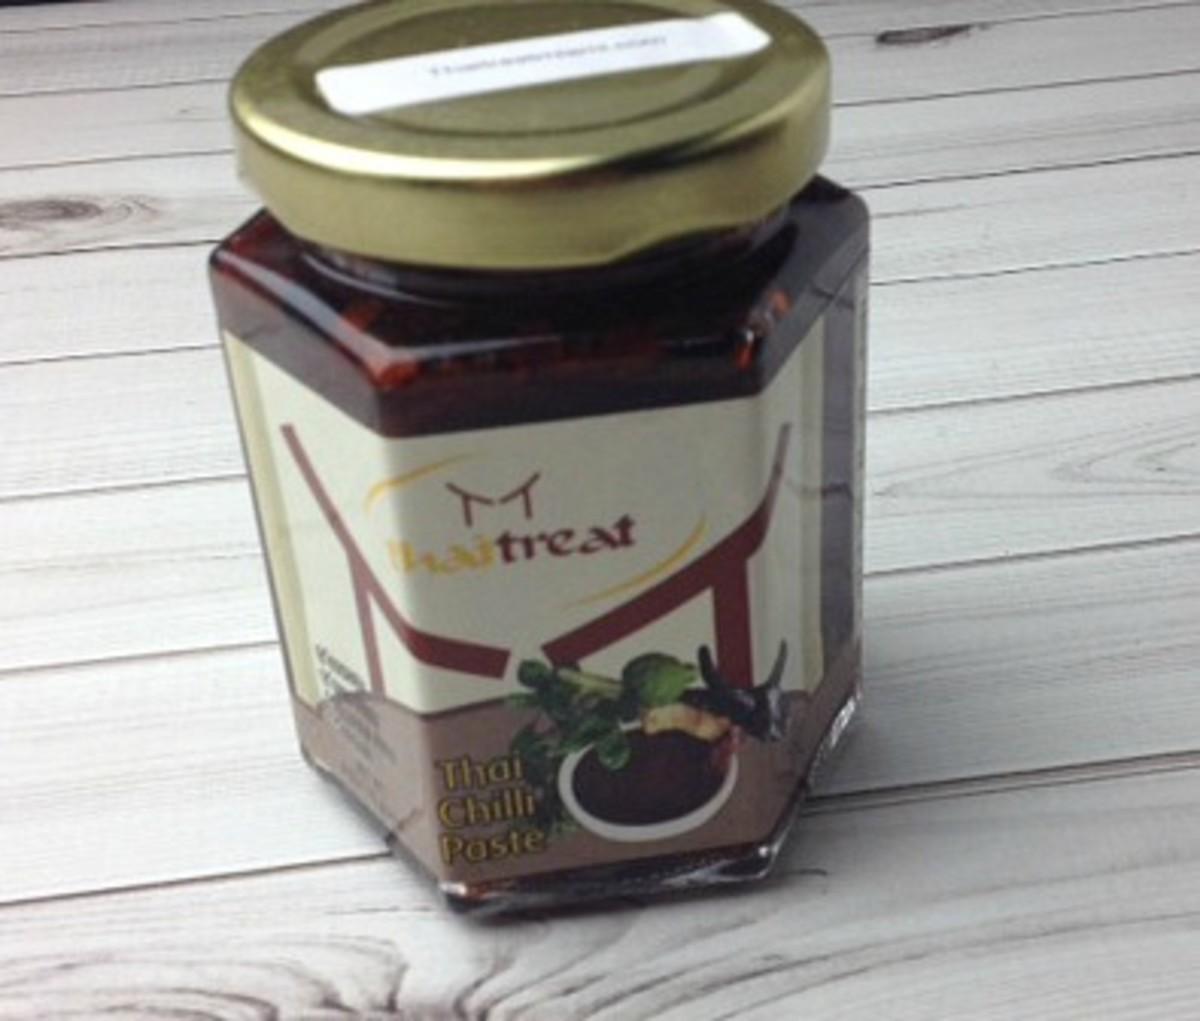 thai treat chilli paste kosher